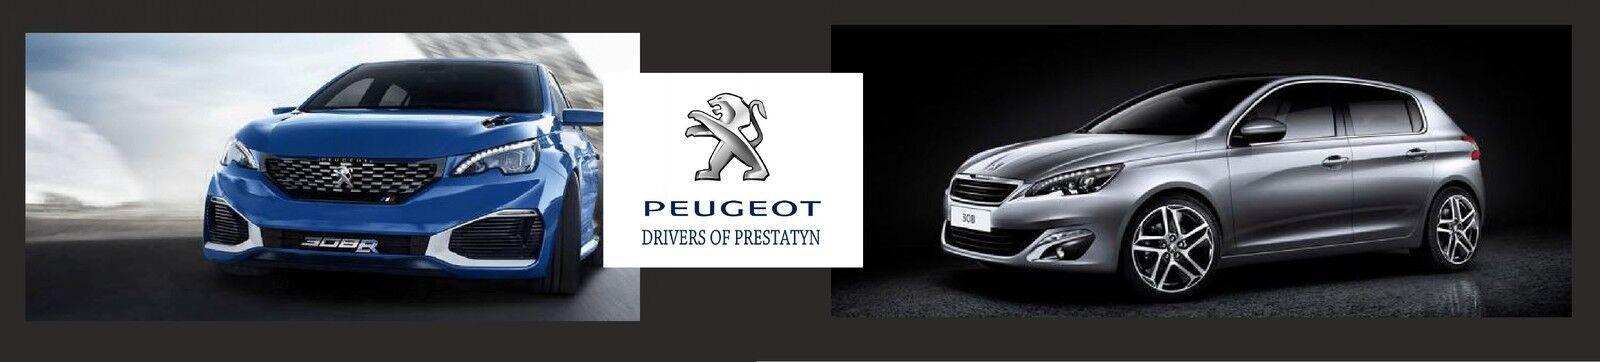 Drivers Peugeot Parts